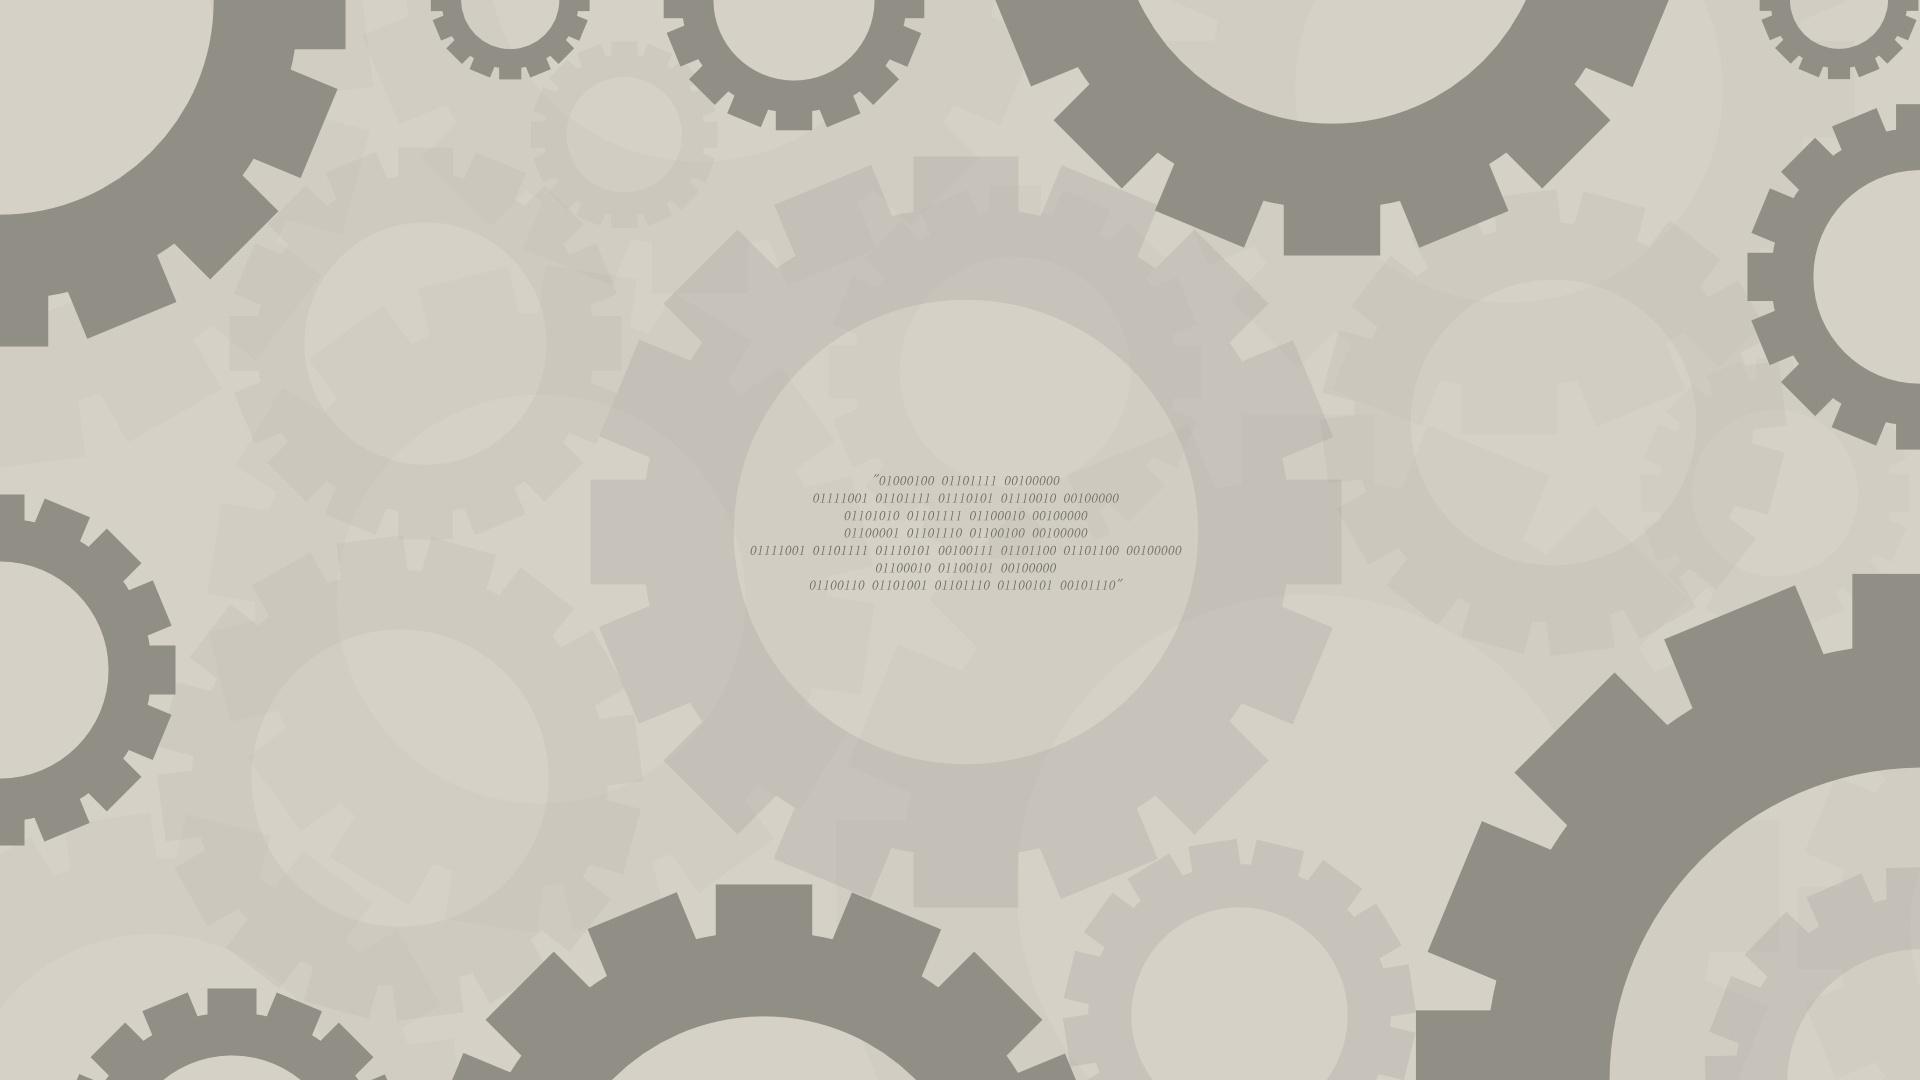 Gears Desktop Wallpaper